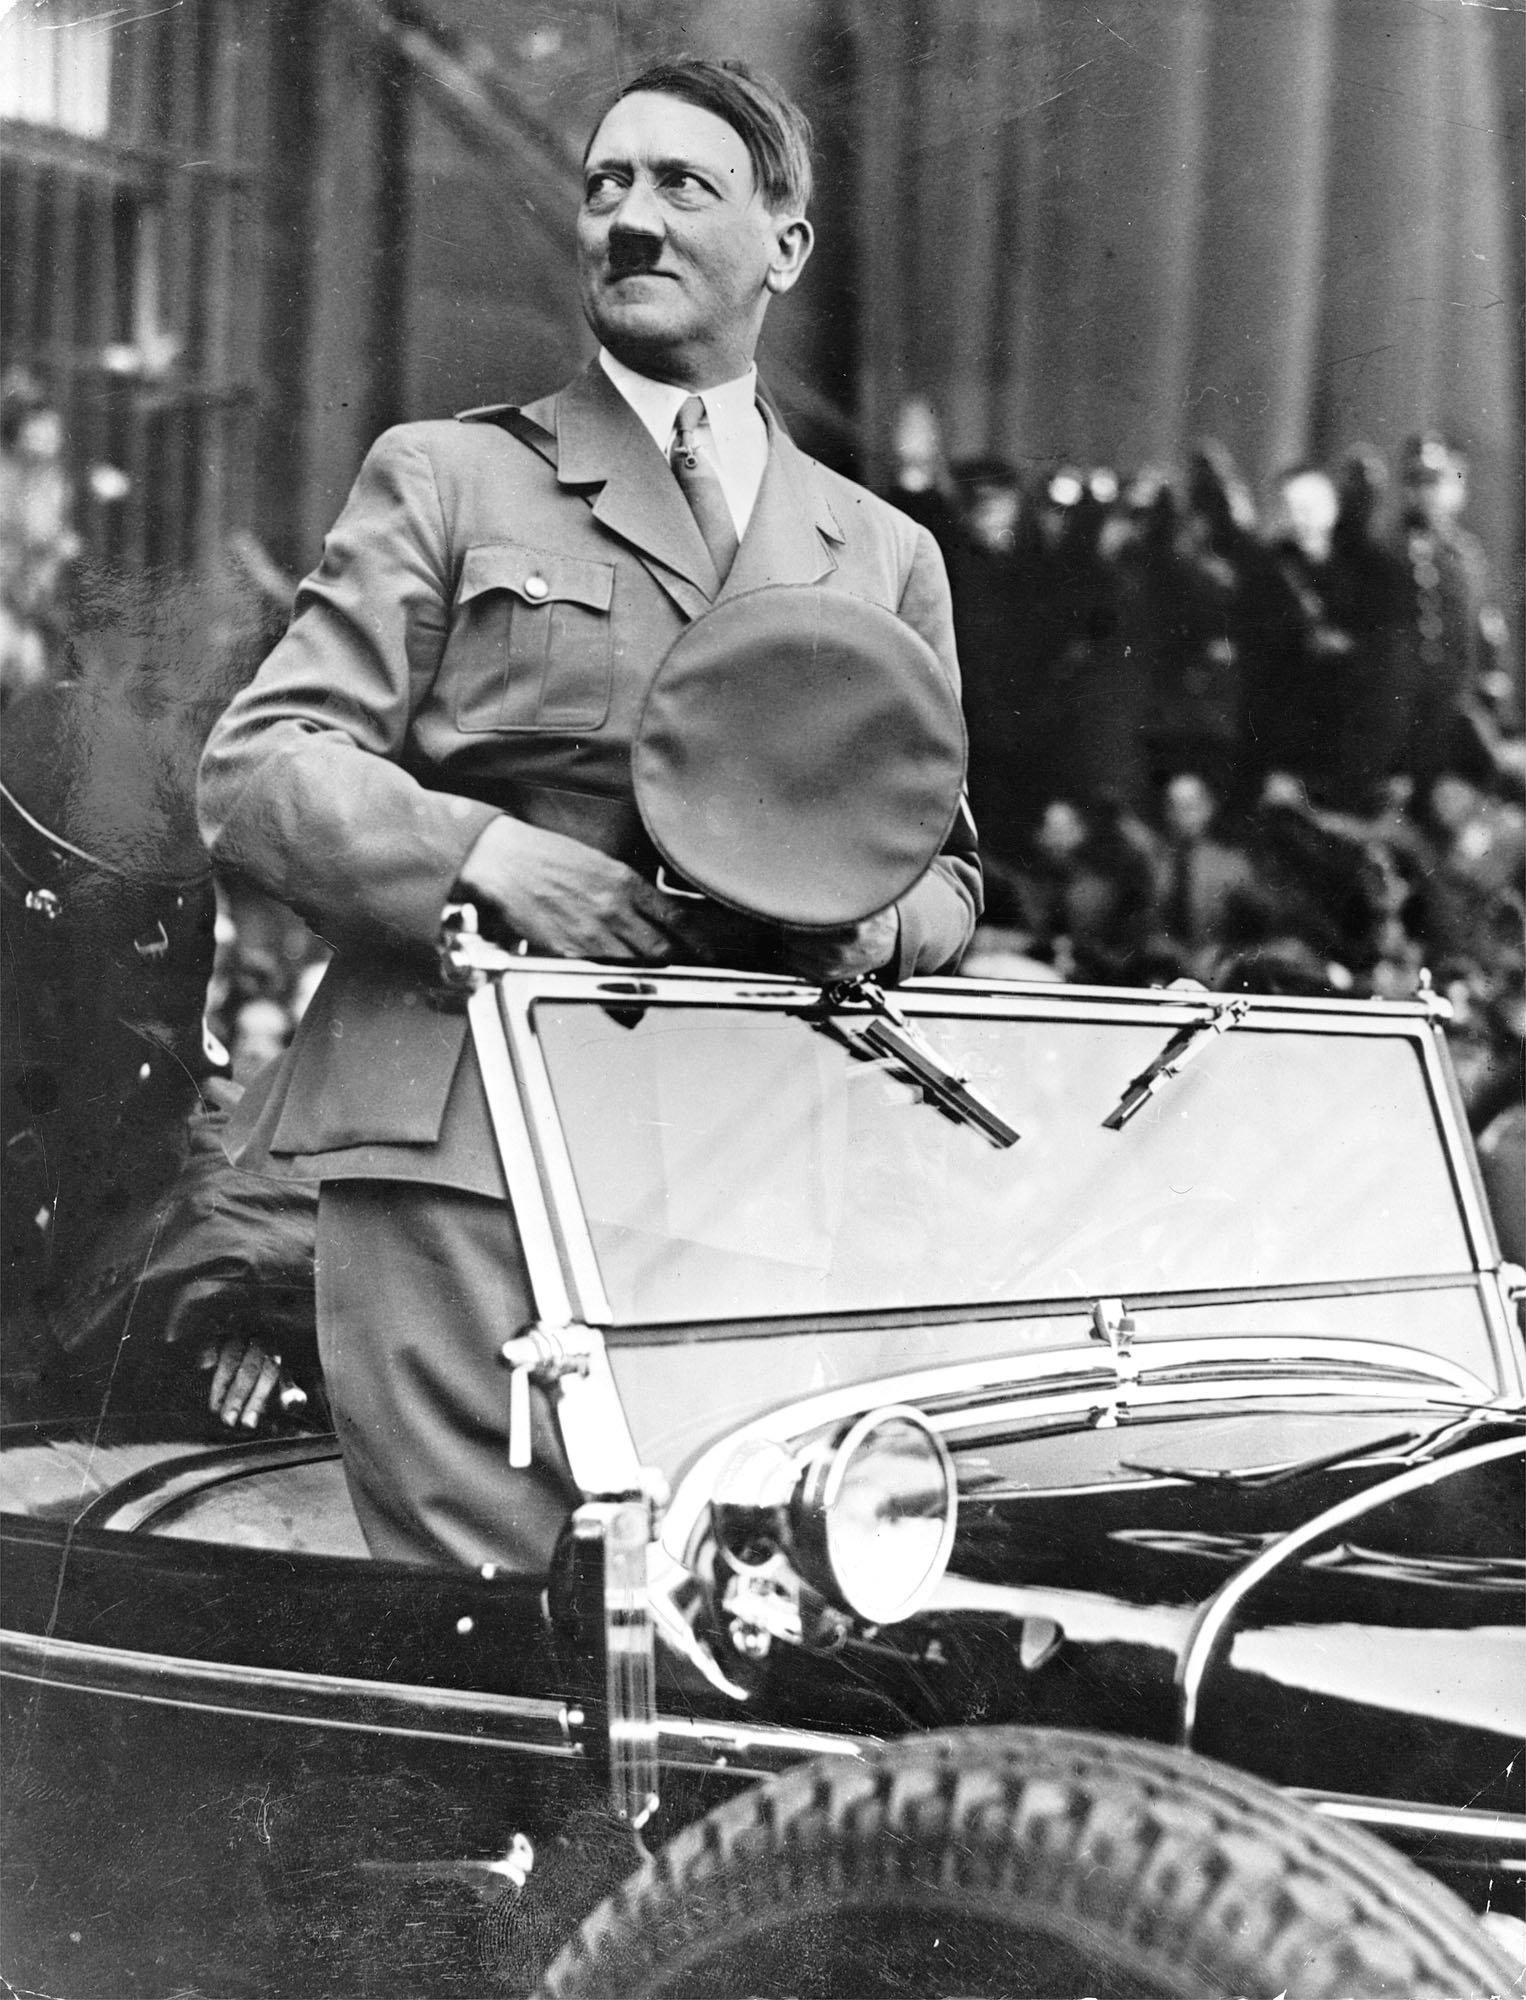 Αποκάλυψη: To FBI δεν πίστευε ότι ο Χίτλερ ήταν